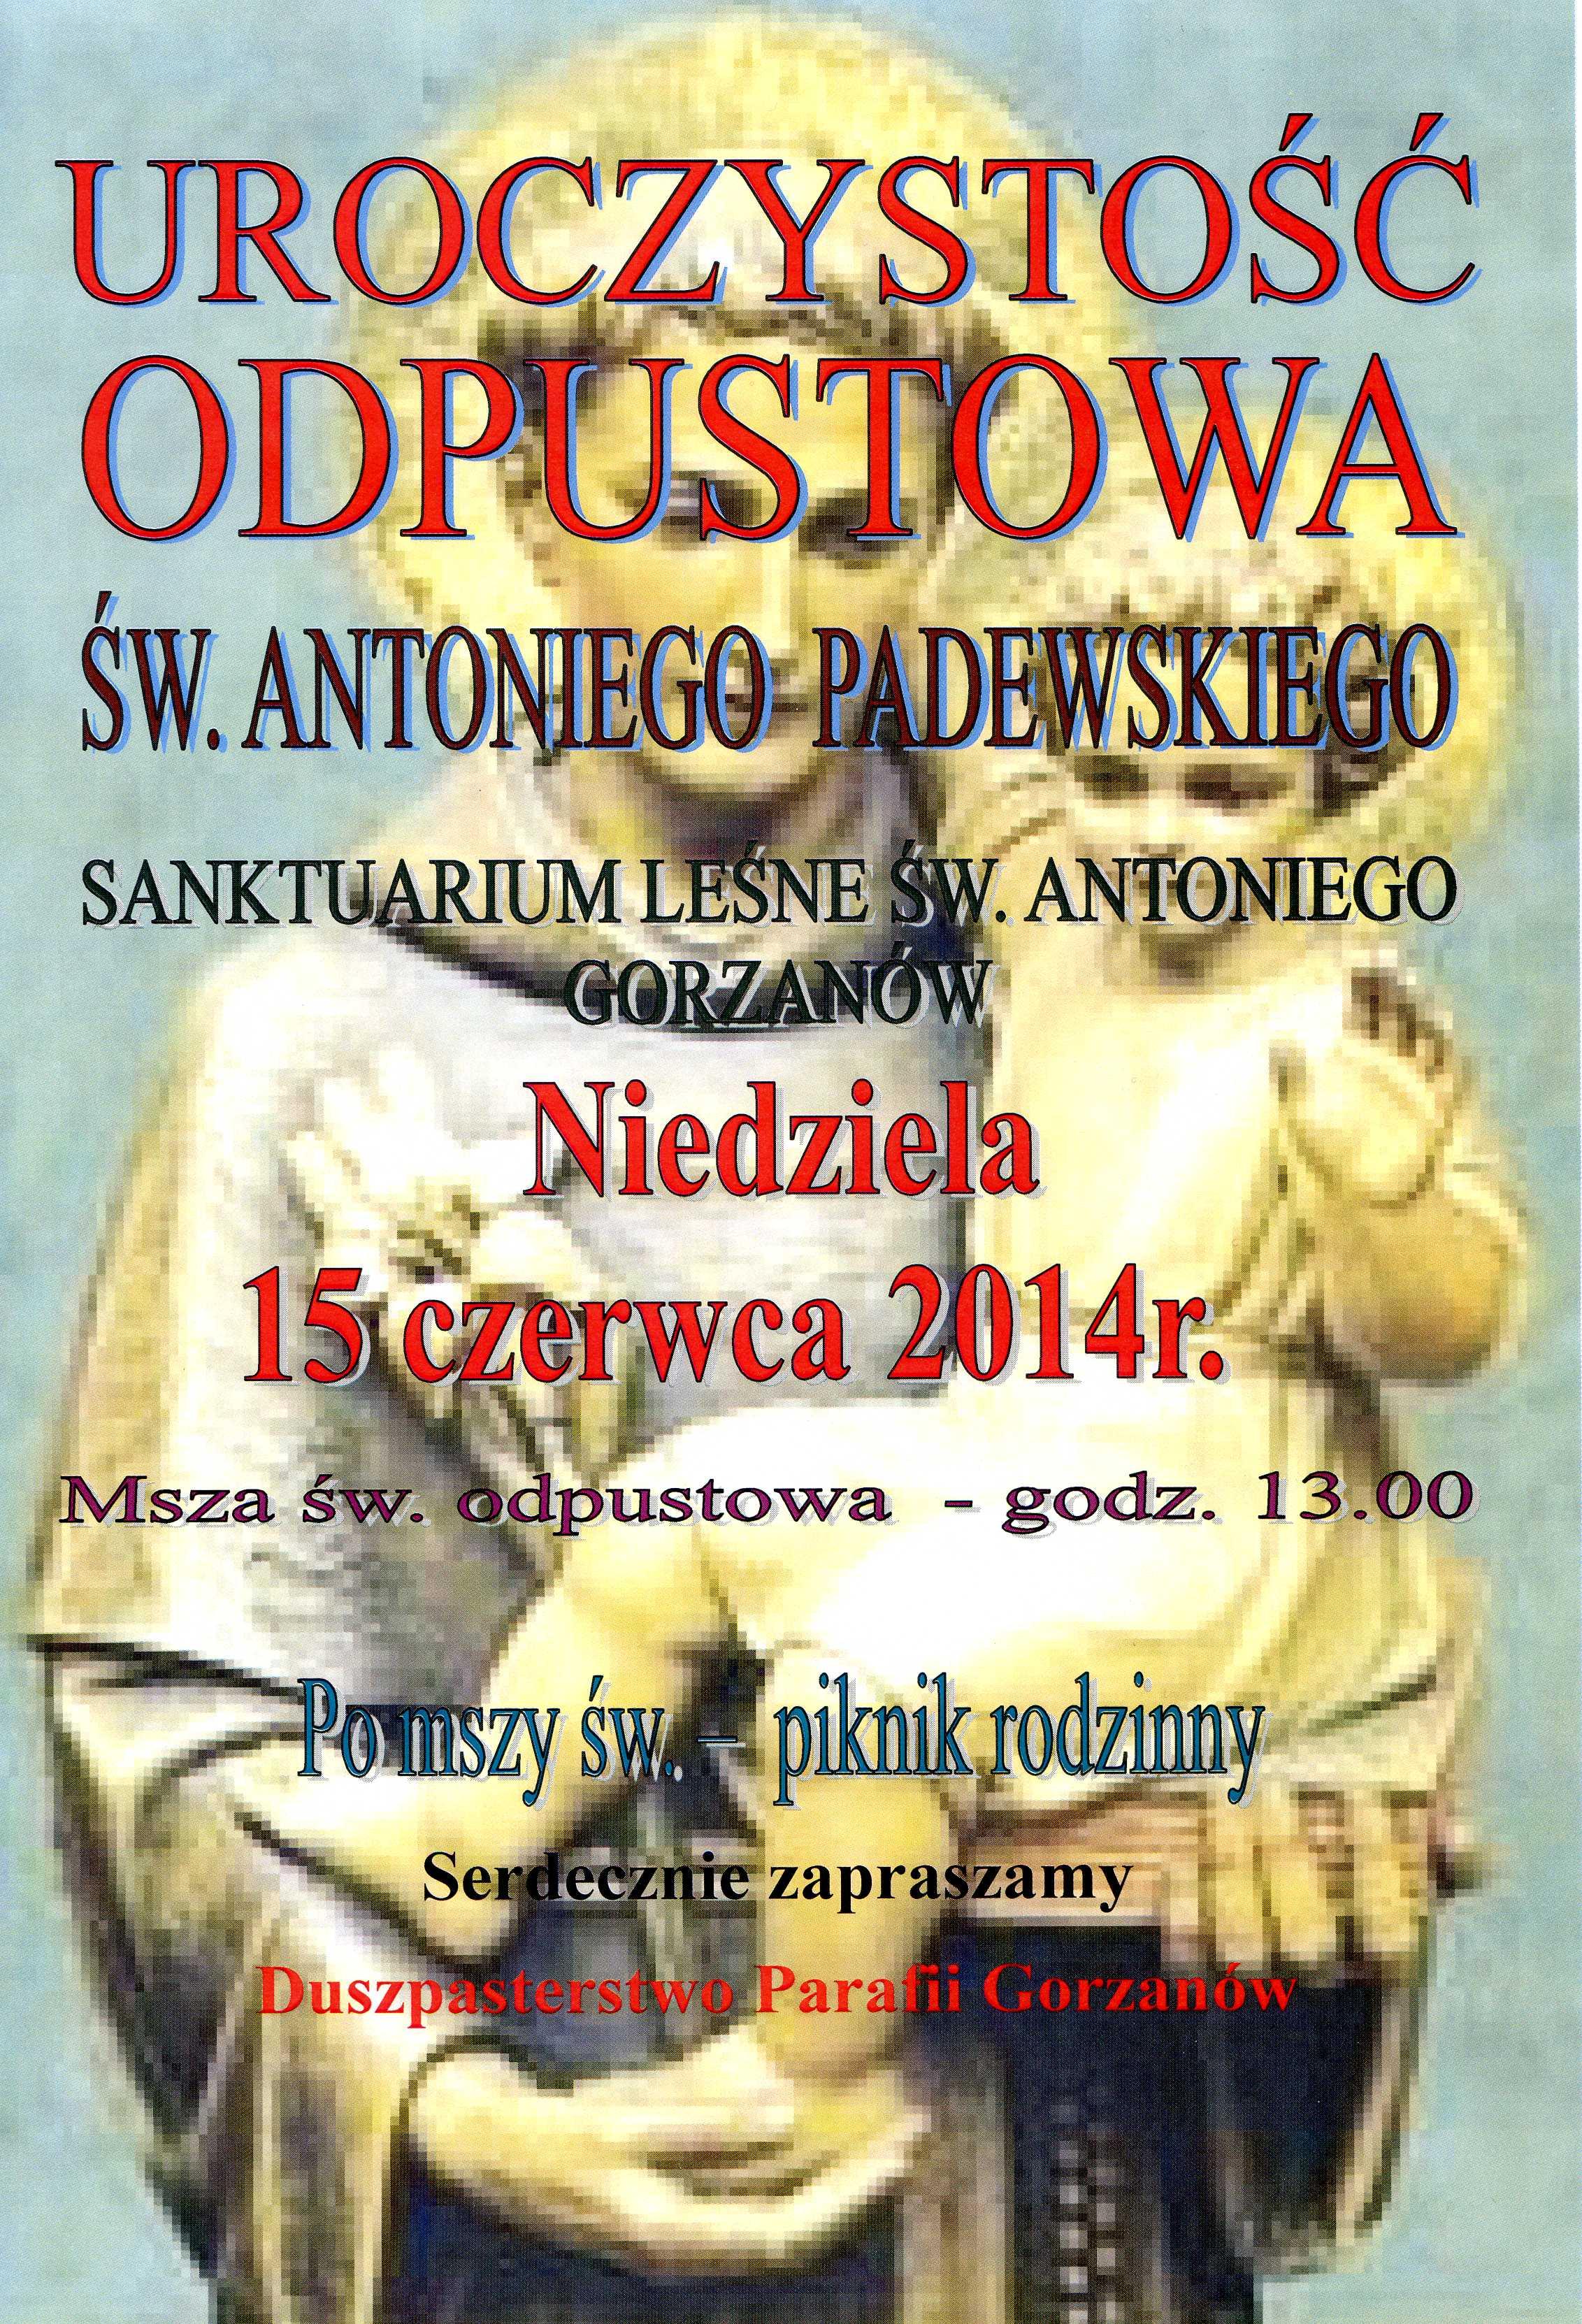 Plakat_Odpust_św.Antoniego 2014.06.15.